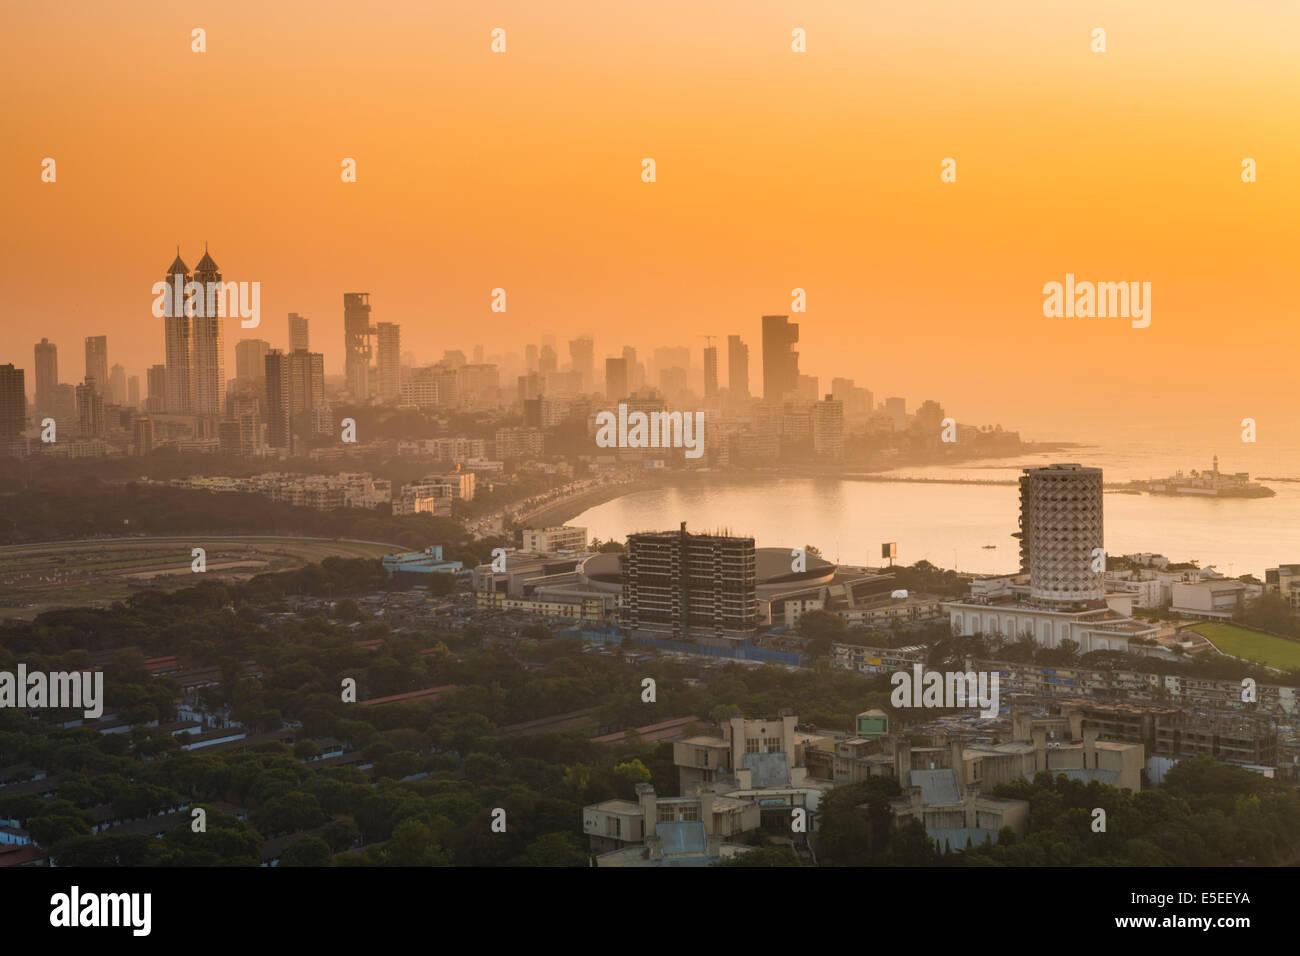 Haji Ali Bay et du centre-ville, dans le centre sud de Mumbai, Inde Photo Stock